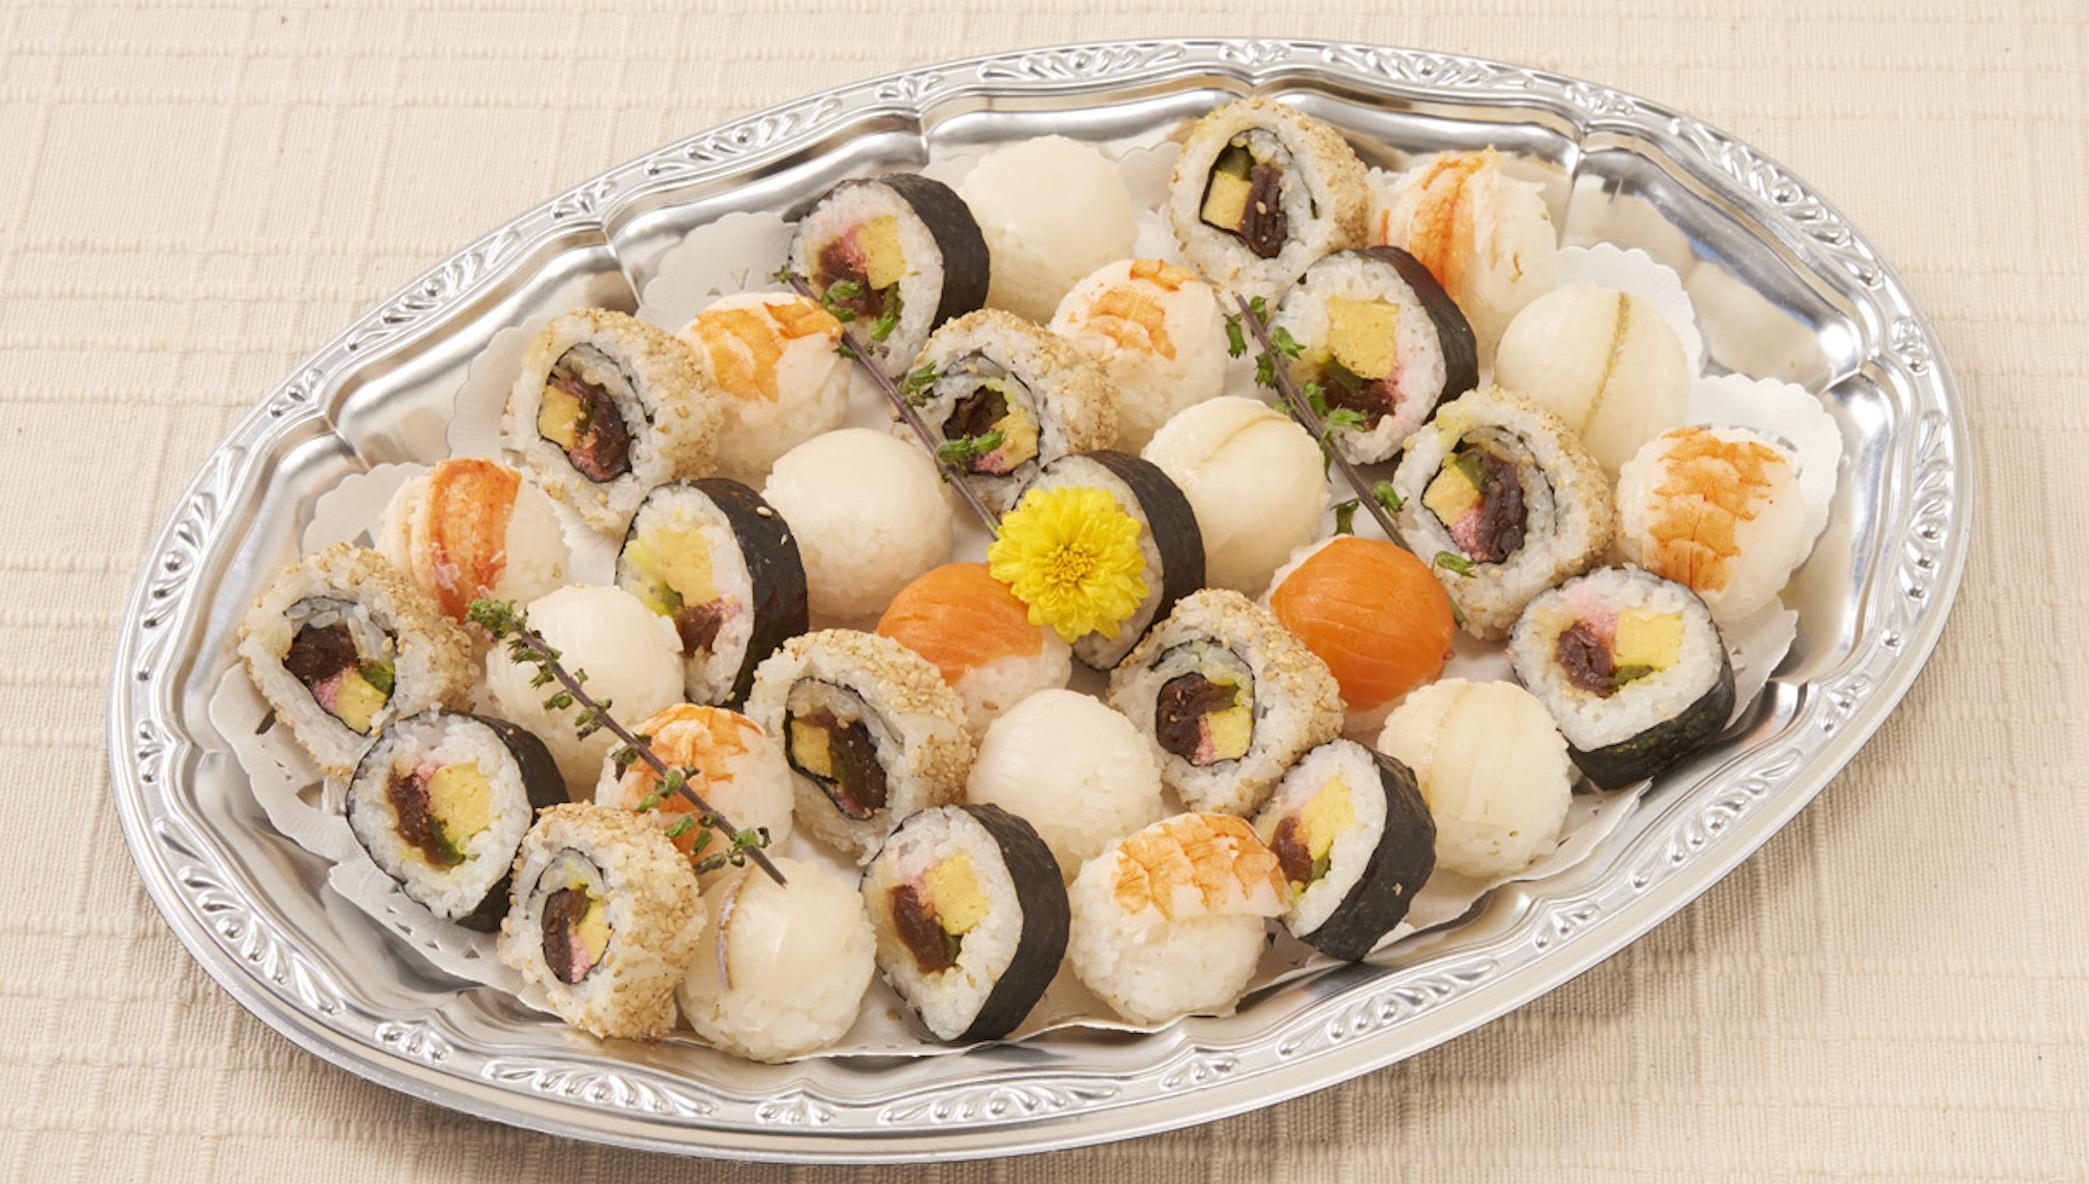 手まり寿司と巻き寿司の盛り合わせ